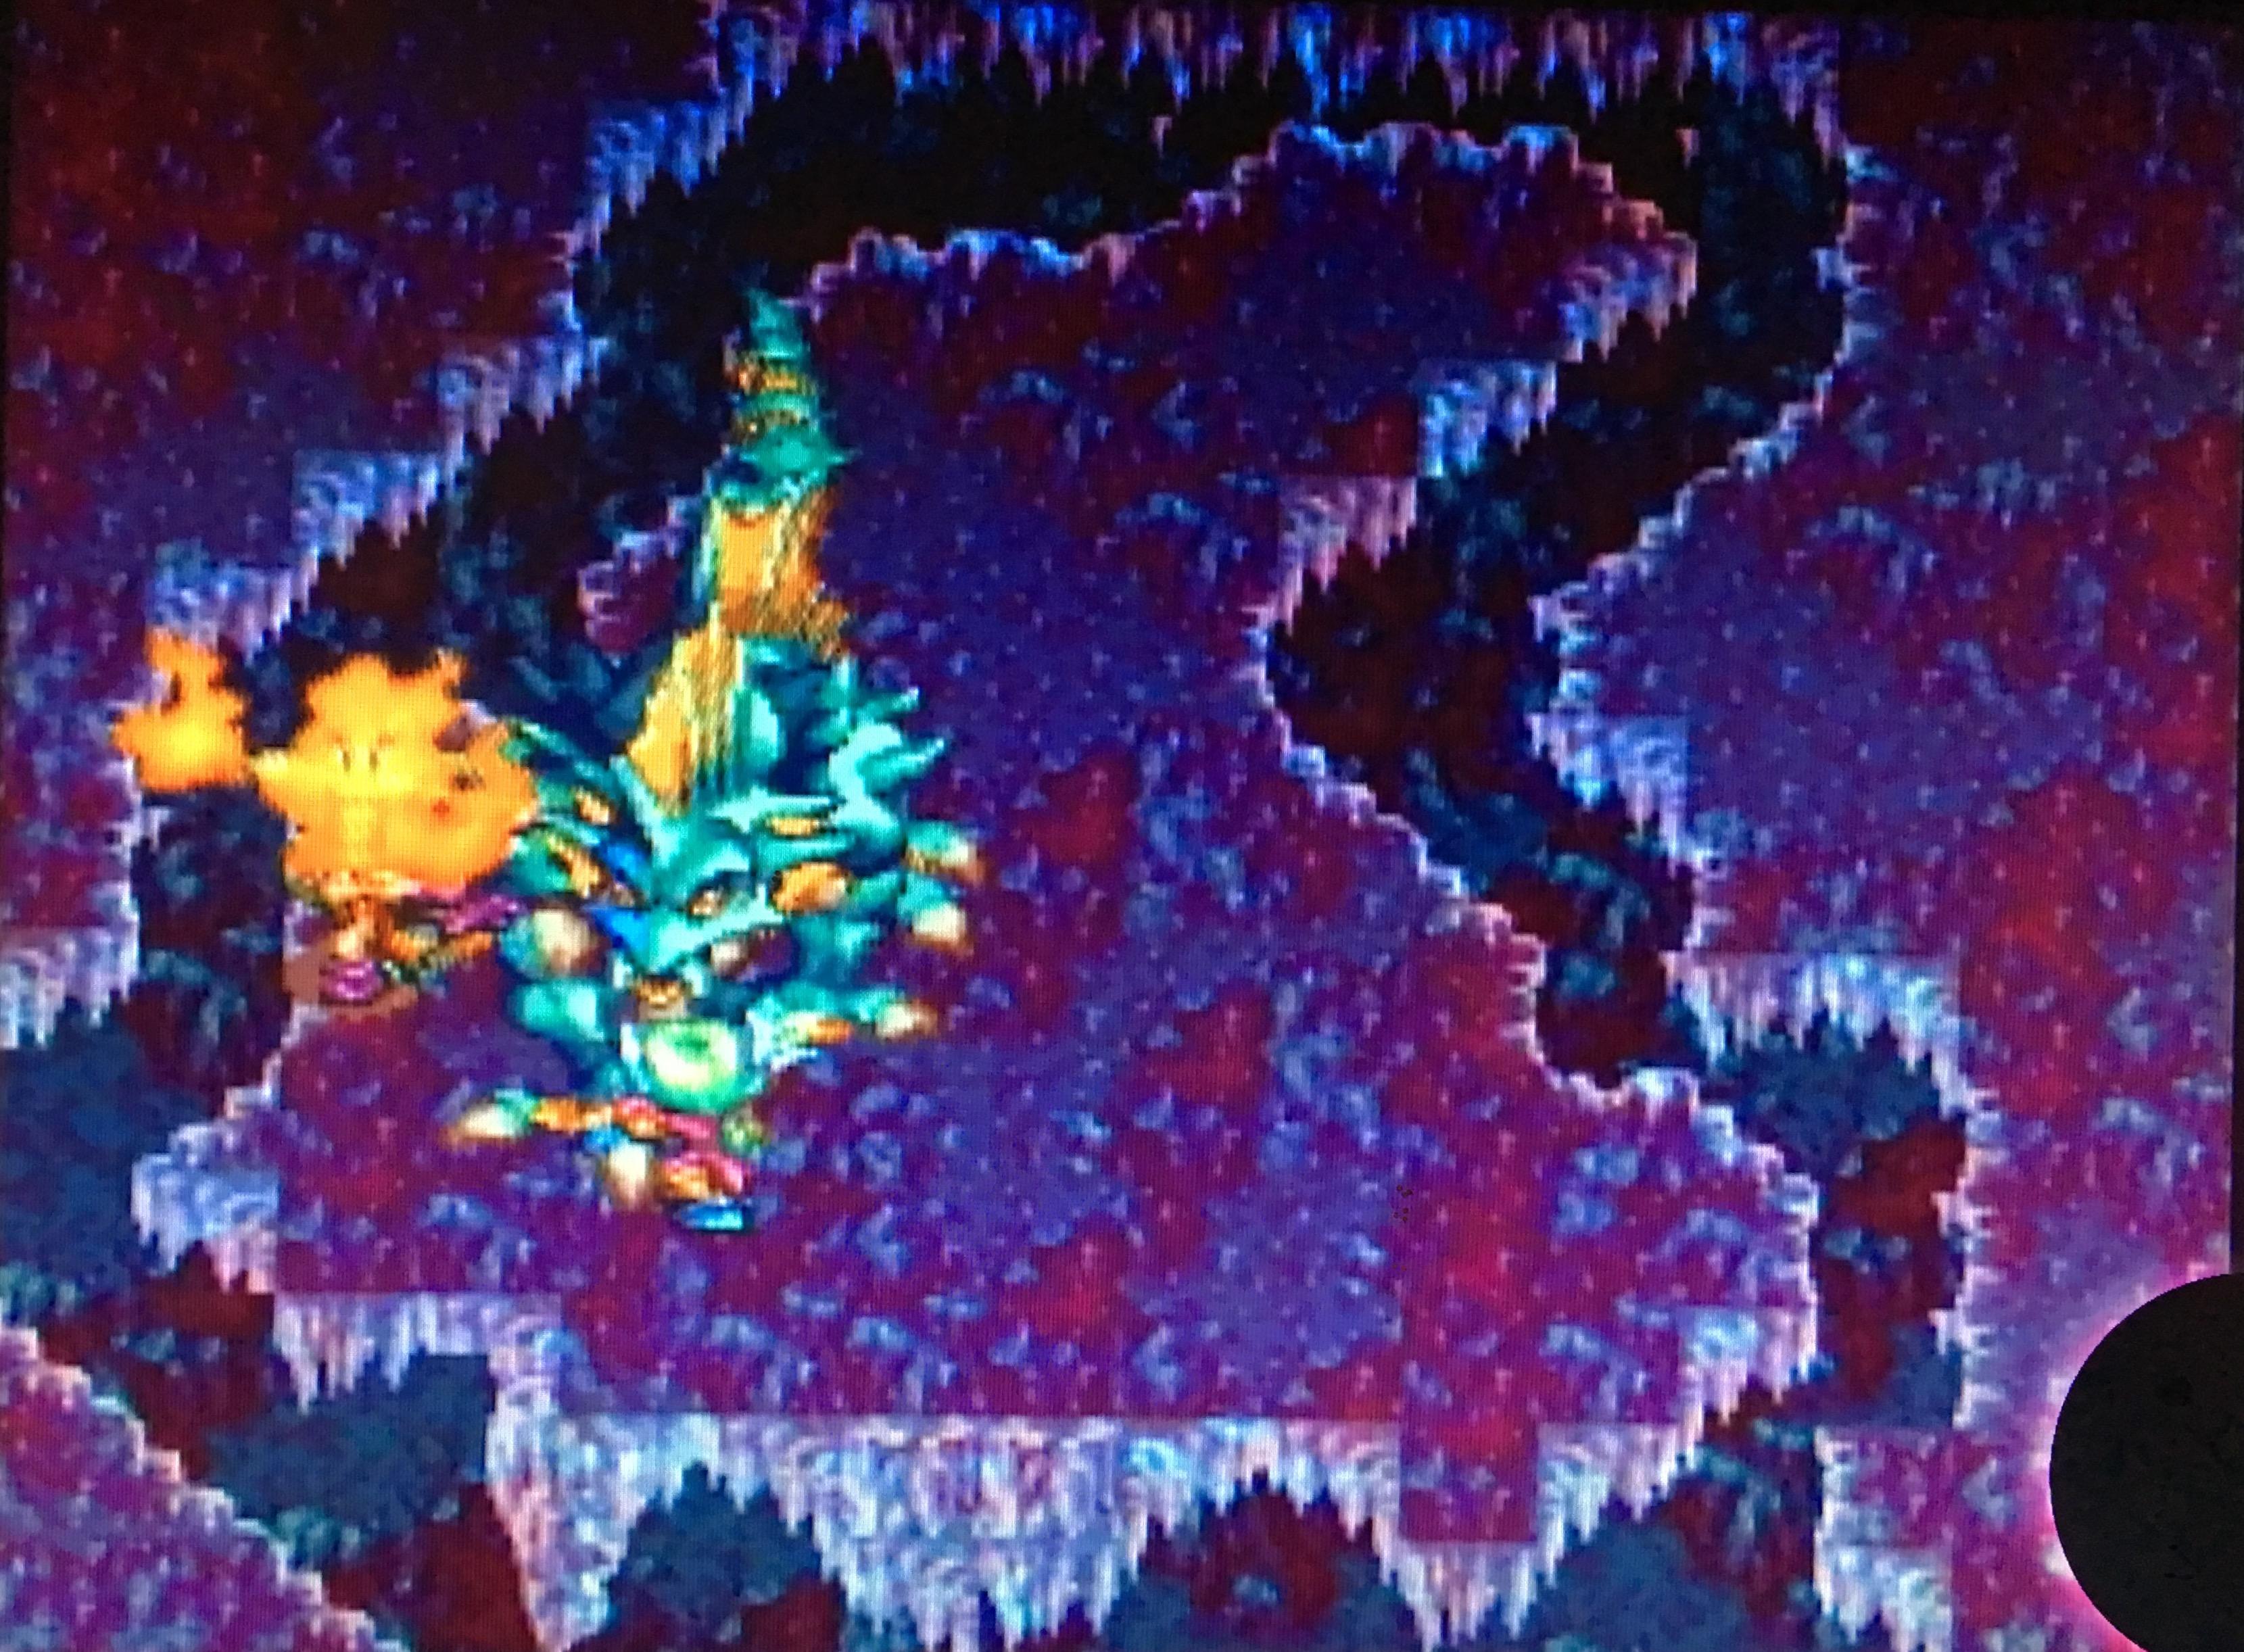 伝説 順番 獣 剣 聖 3 神